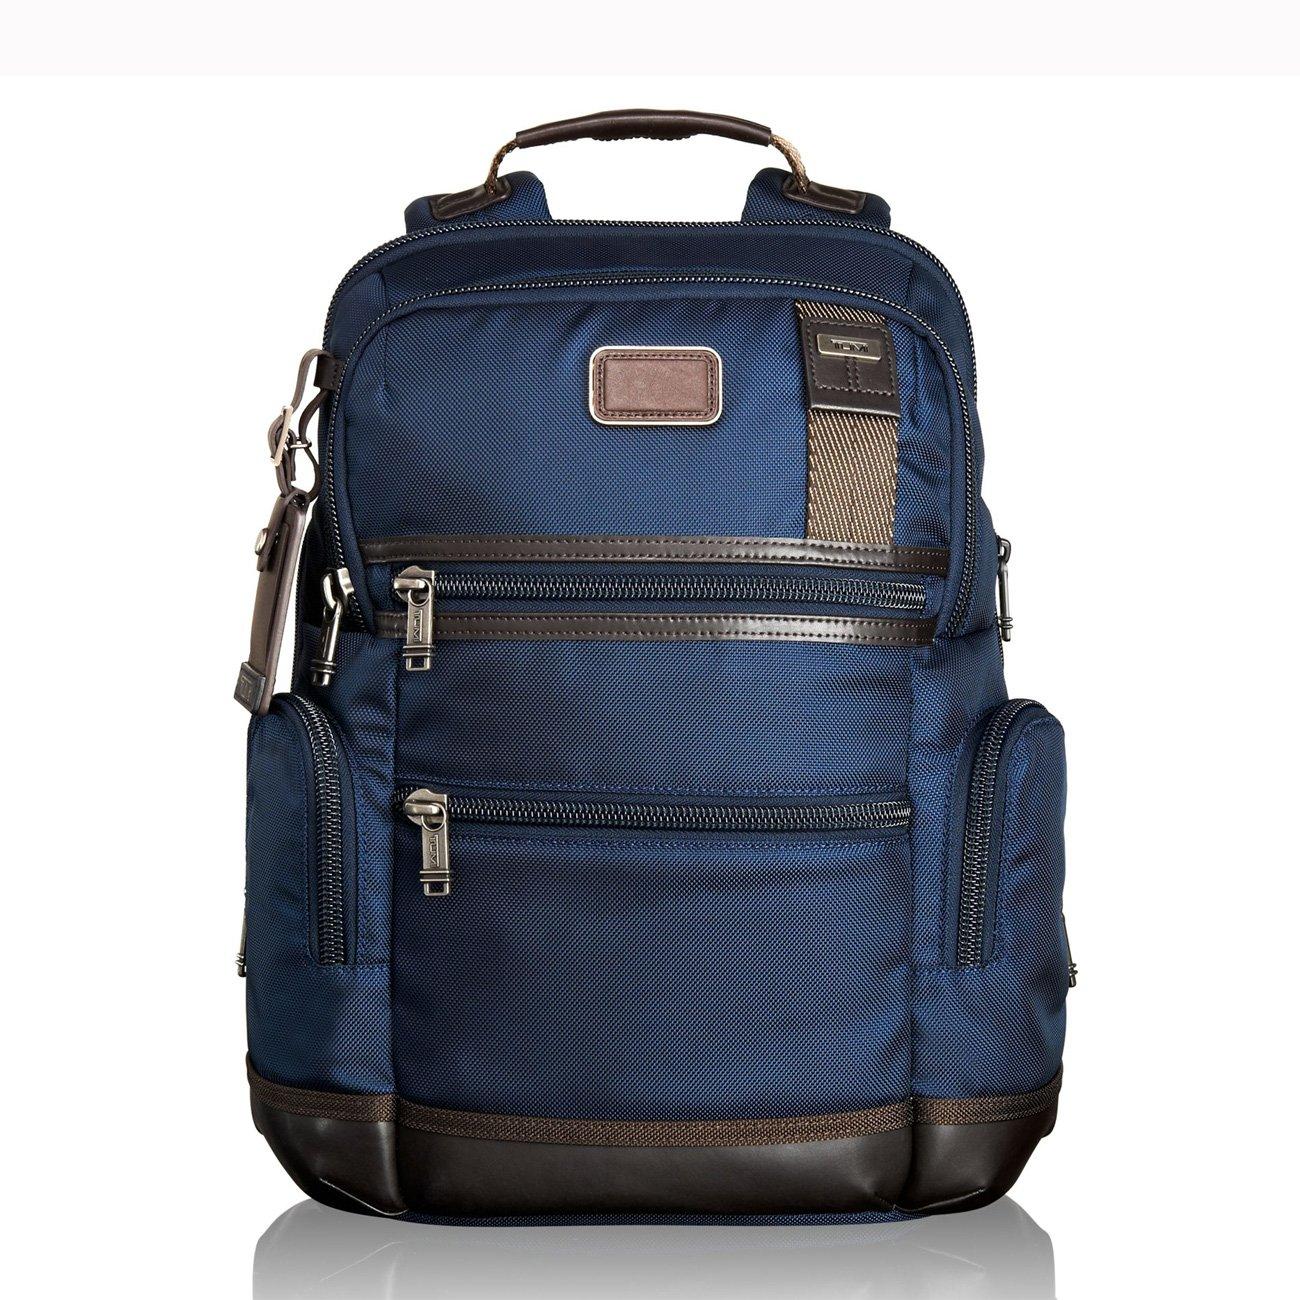 [トゥミ] TUMI 222681 ALPHA BRAVO 「ノックス」 メンズ カジュアル バックパック ビジネス 旅行 通勤通学 / KNOX BACKPACK [並行輸入品] B011AOIKRY ブルー ブルー